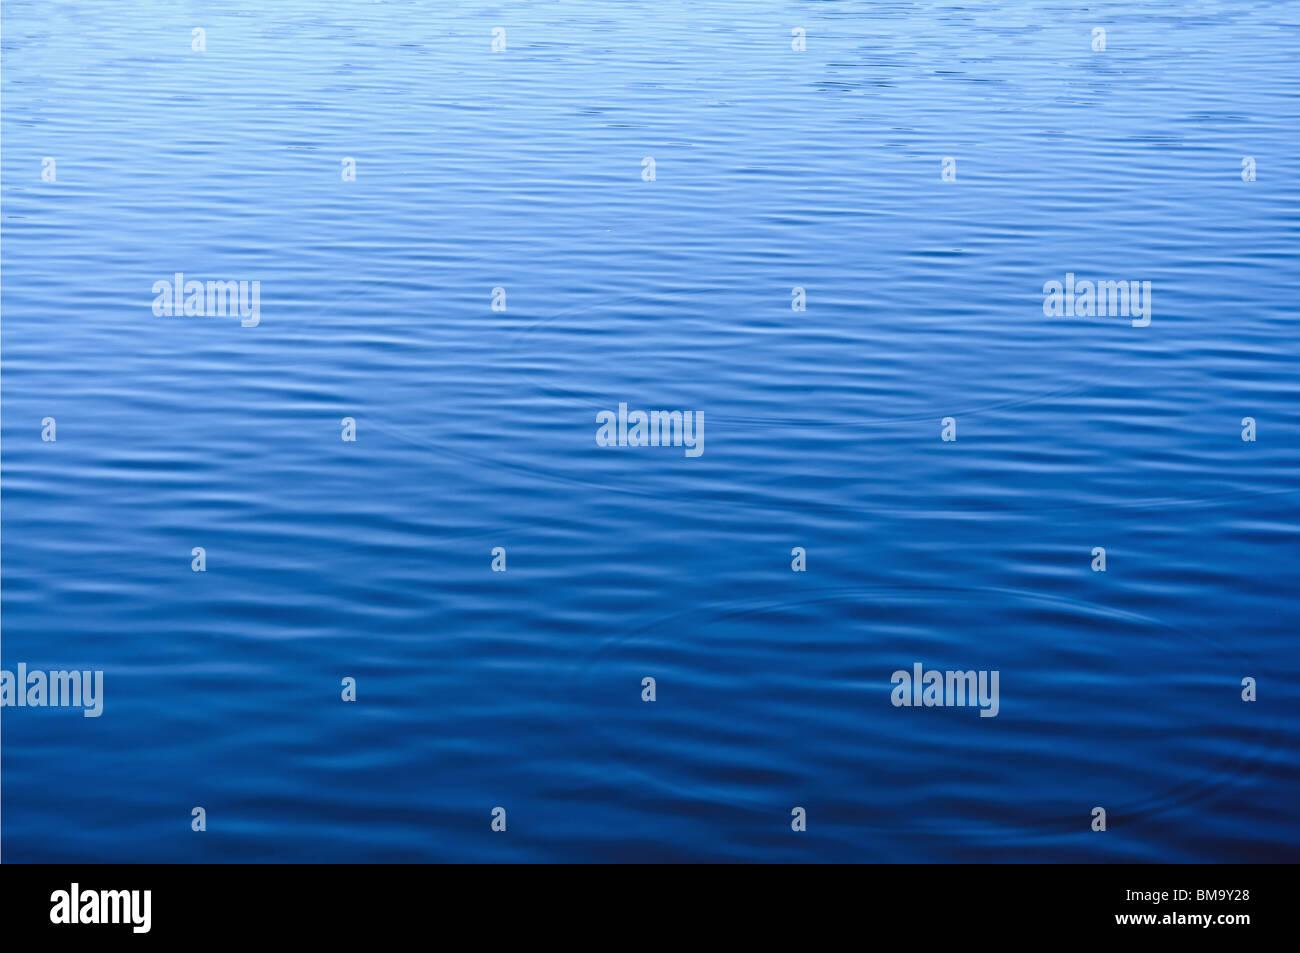 Superficie de agua azul con olas pequeñas Imagen De Stock